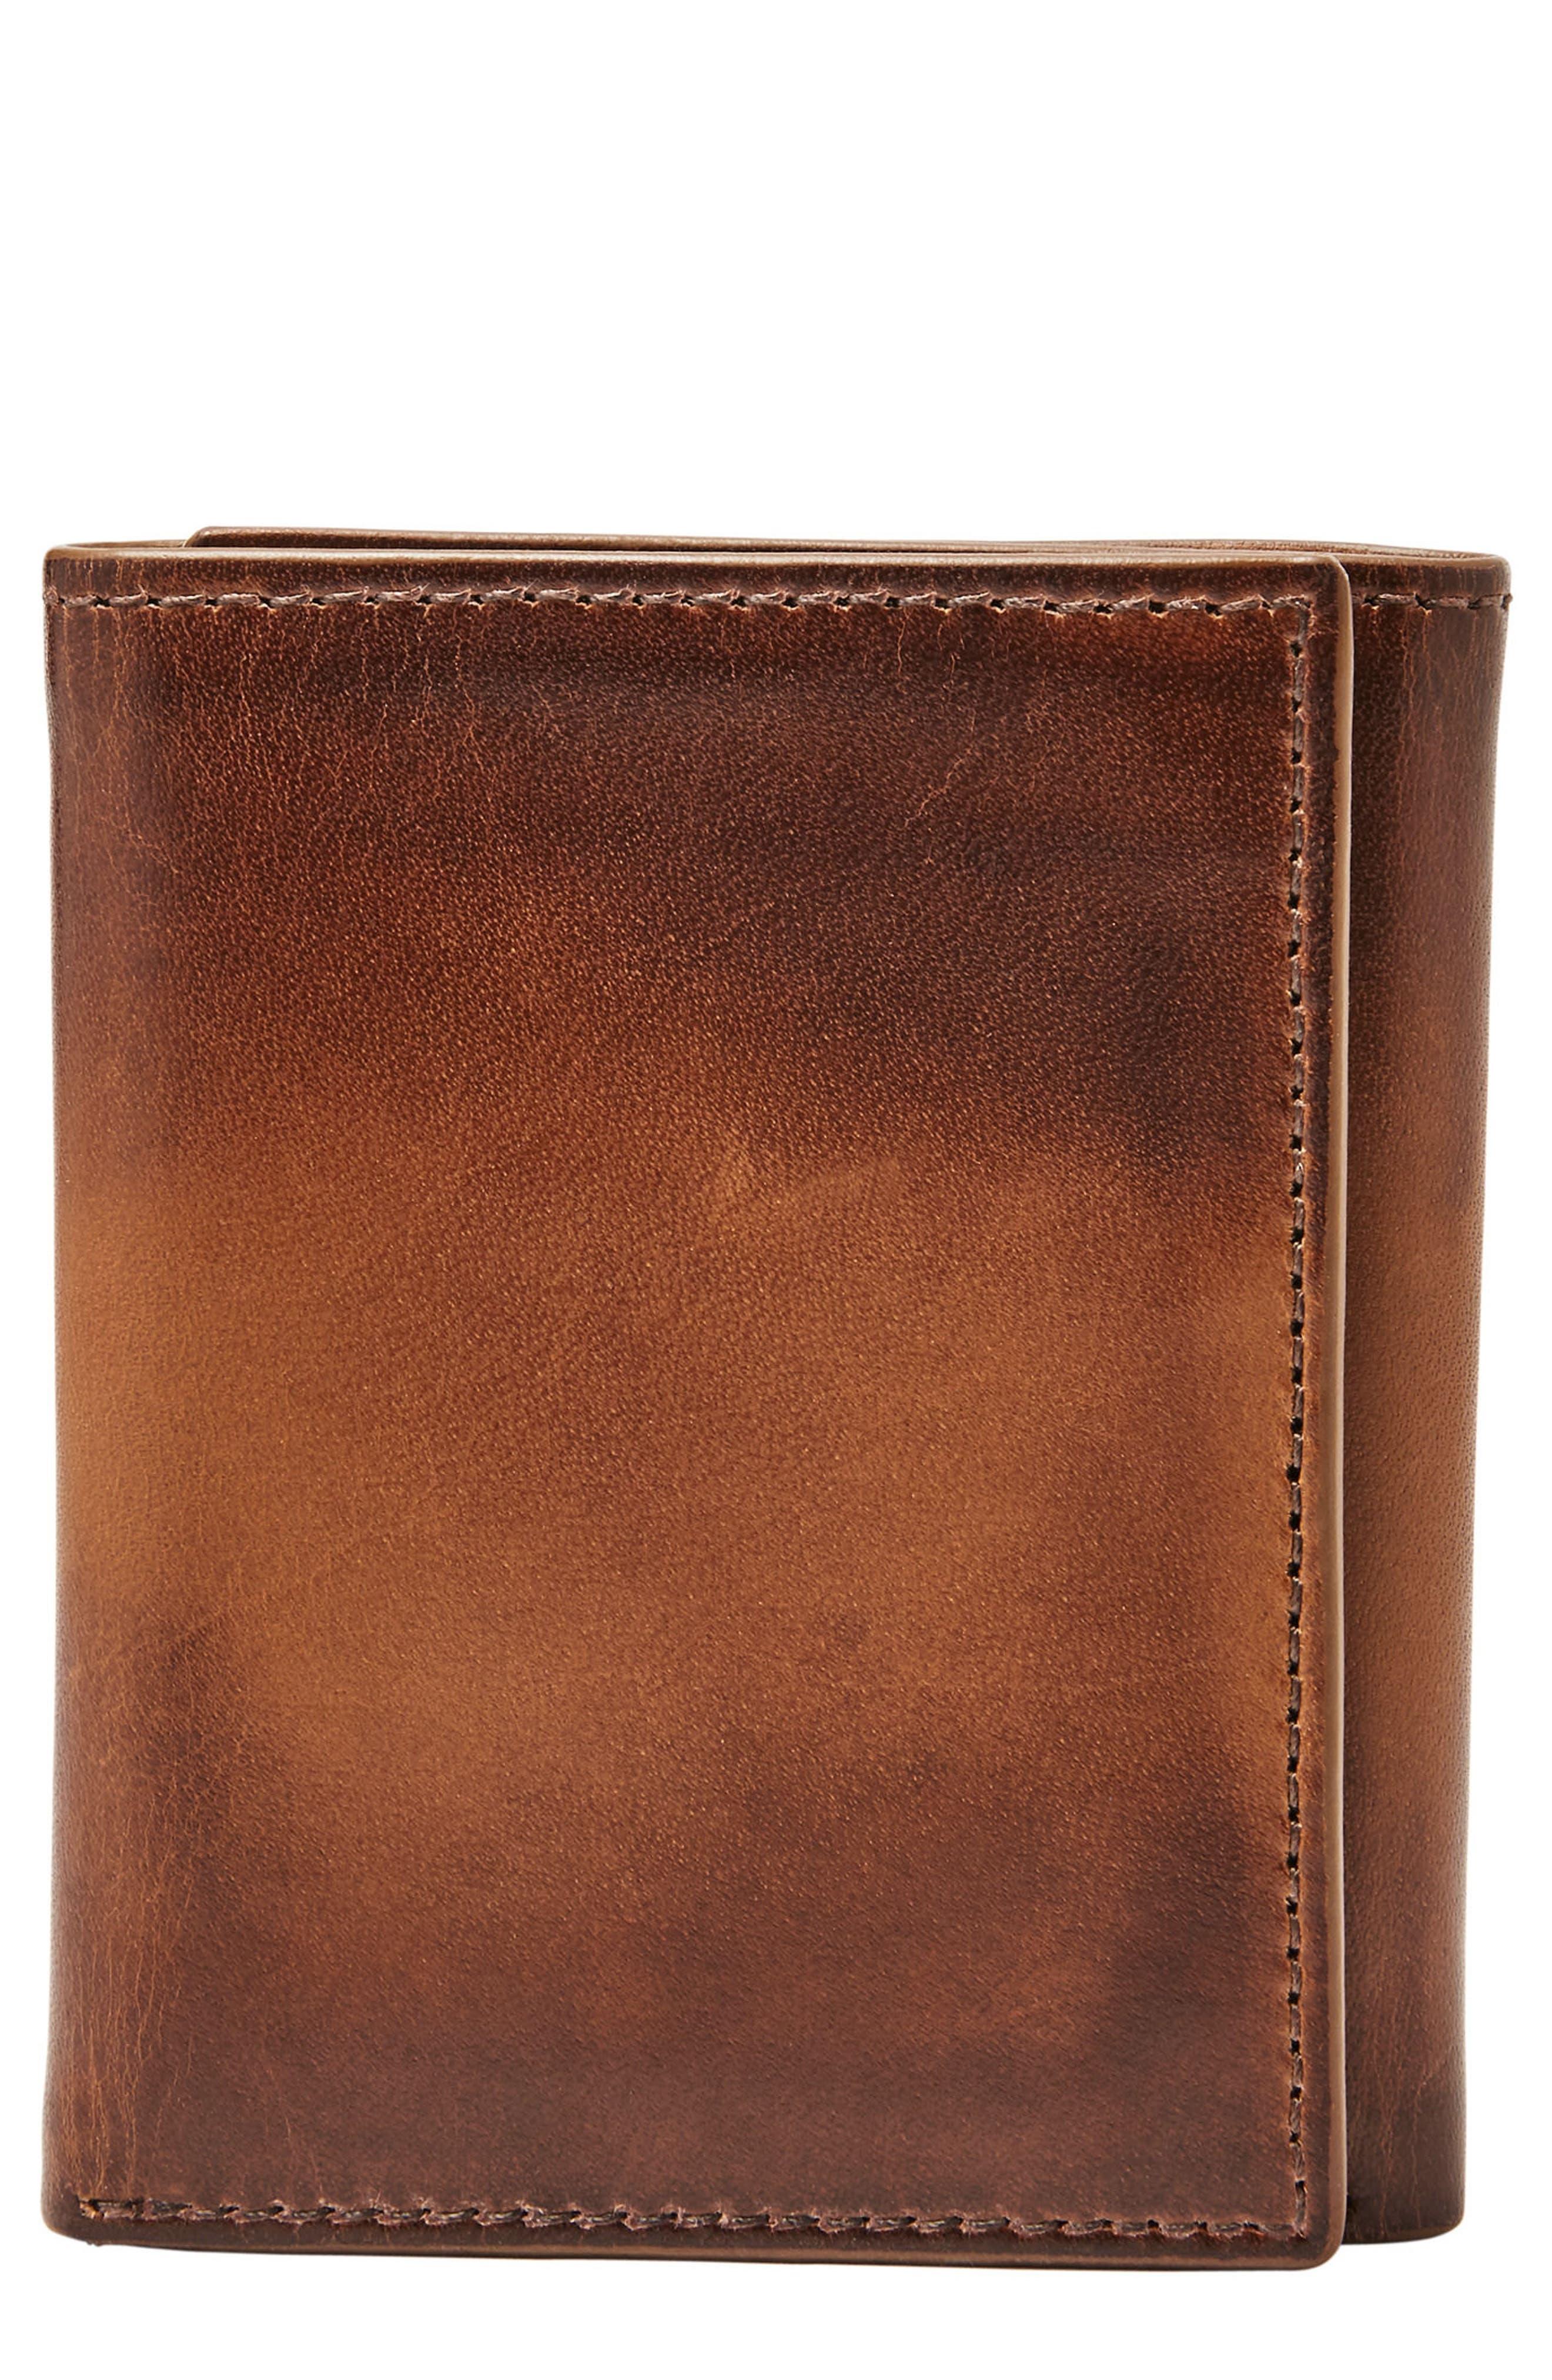 Paul Leather Wallet,                         Main,                         color, Cognac